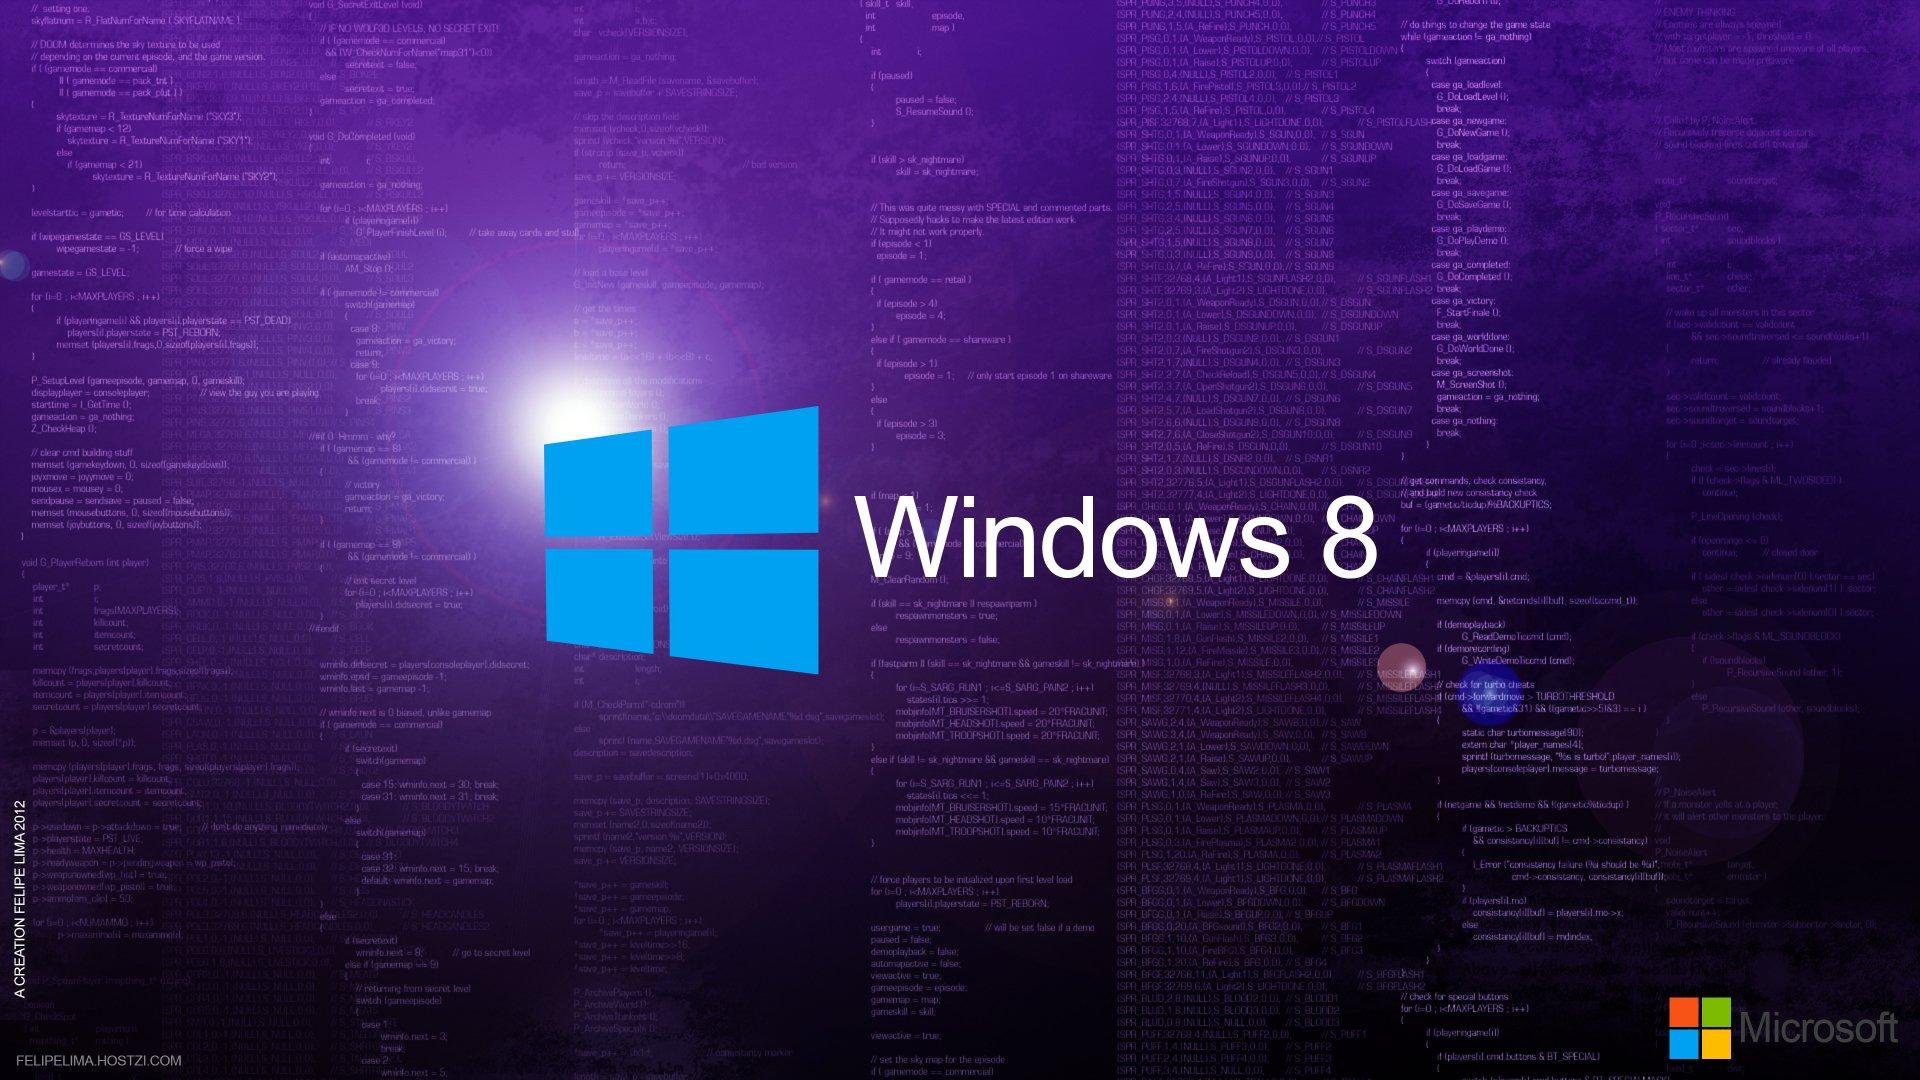 164 Windows 8 Fondos De Pantalla Hd Fondos De Escritorio